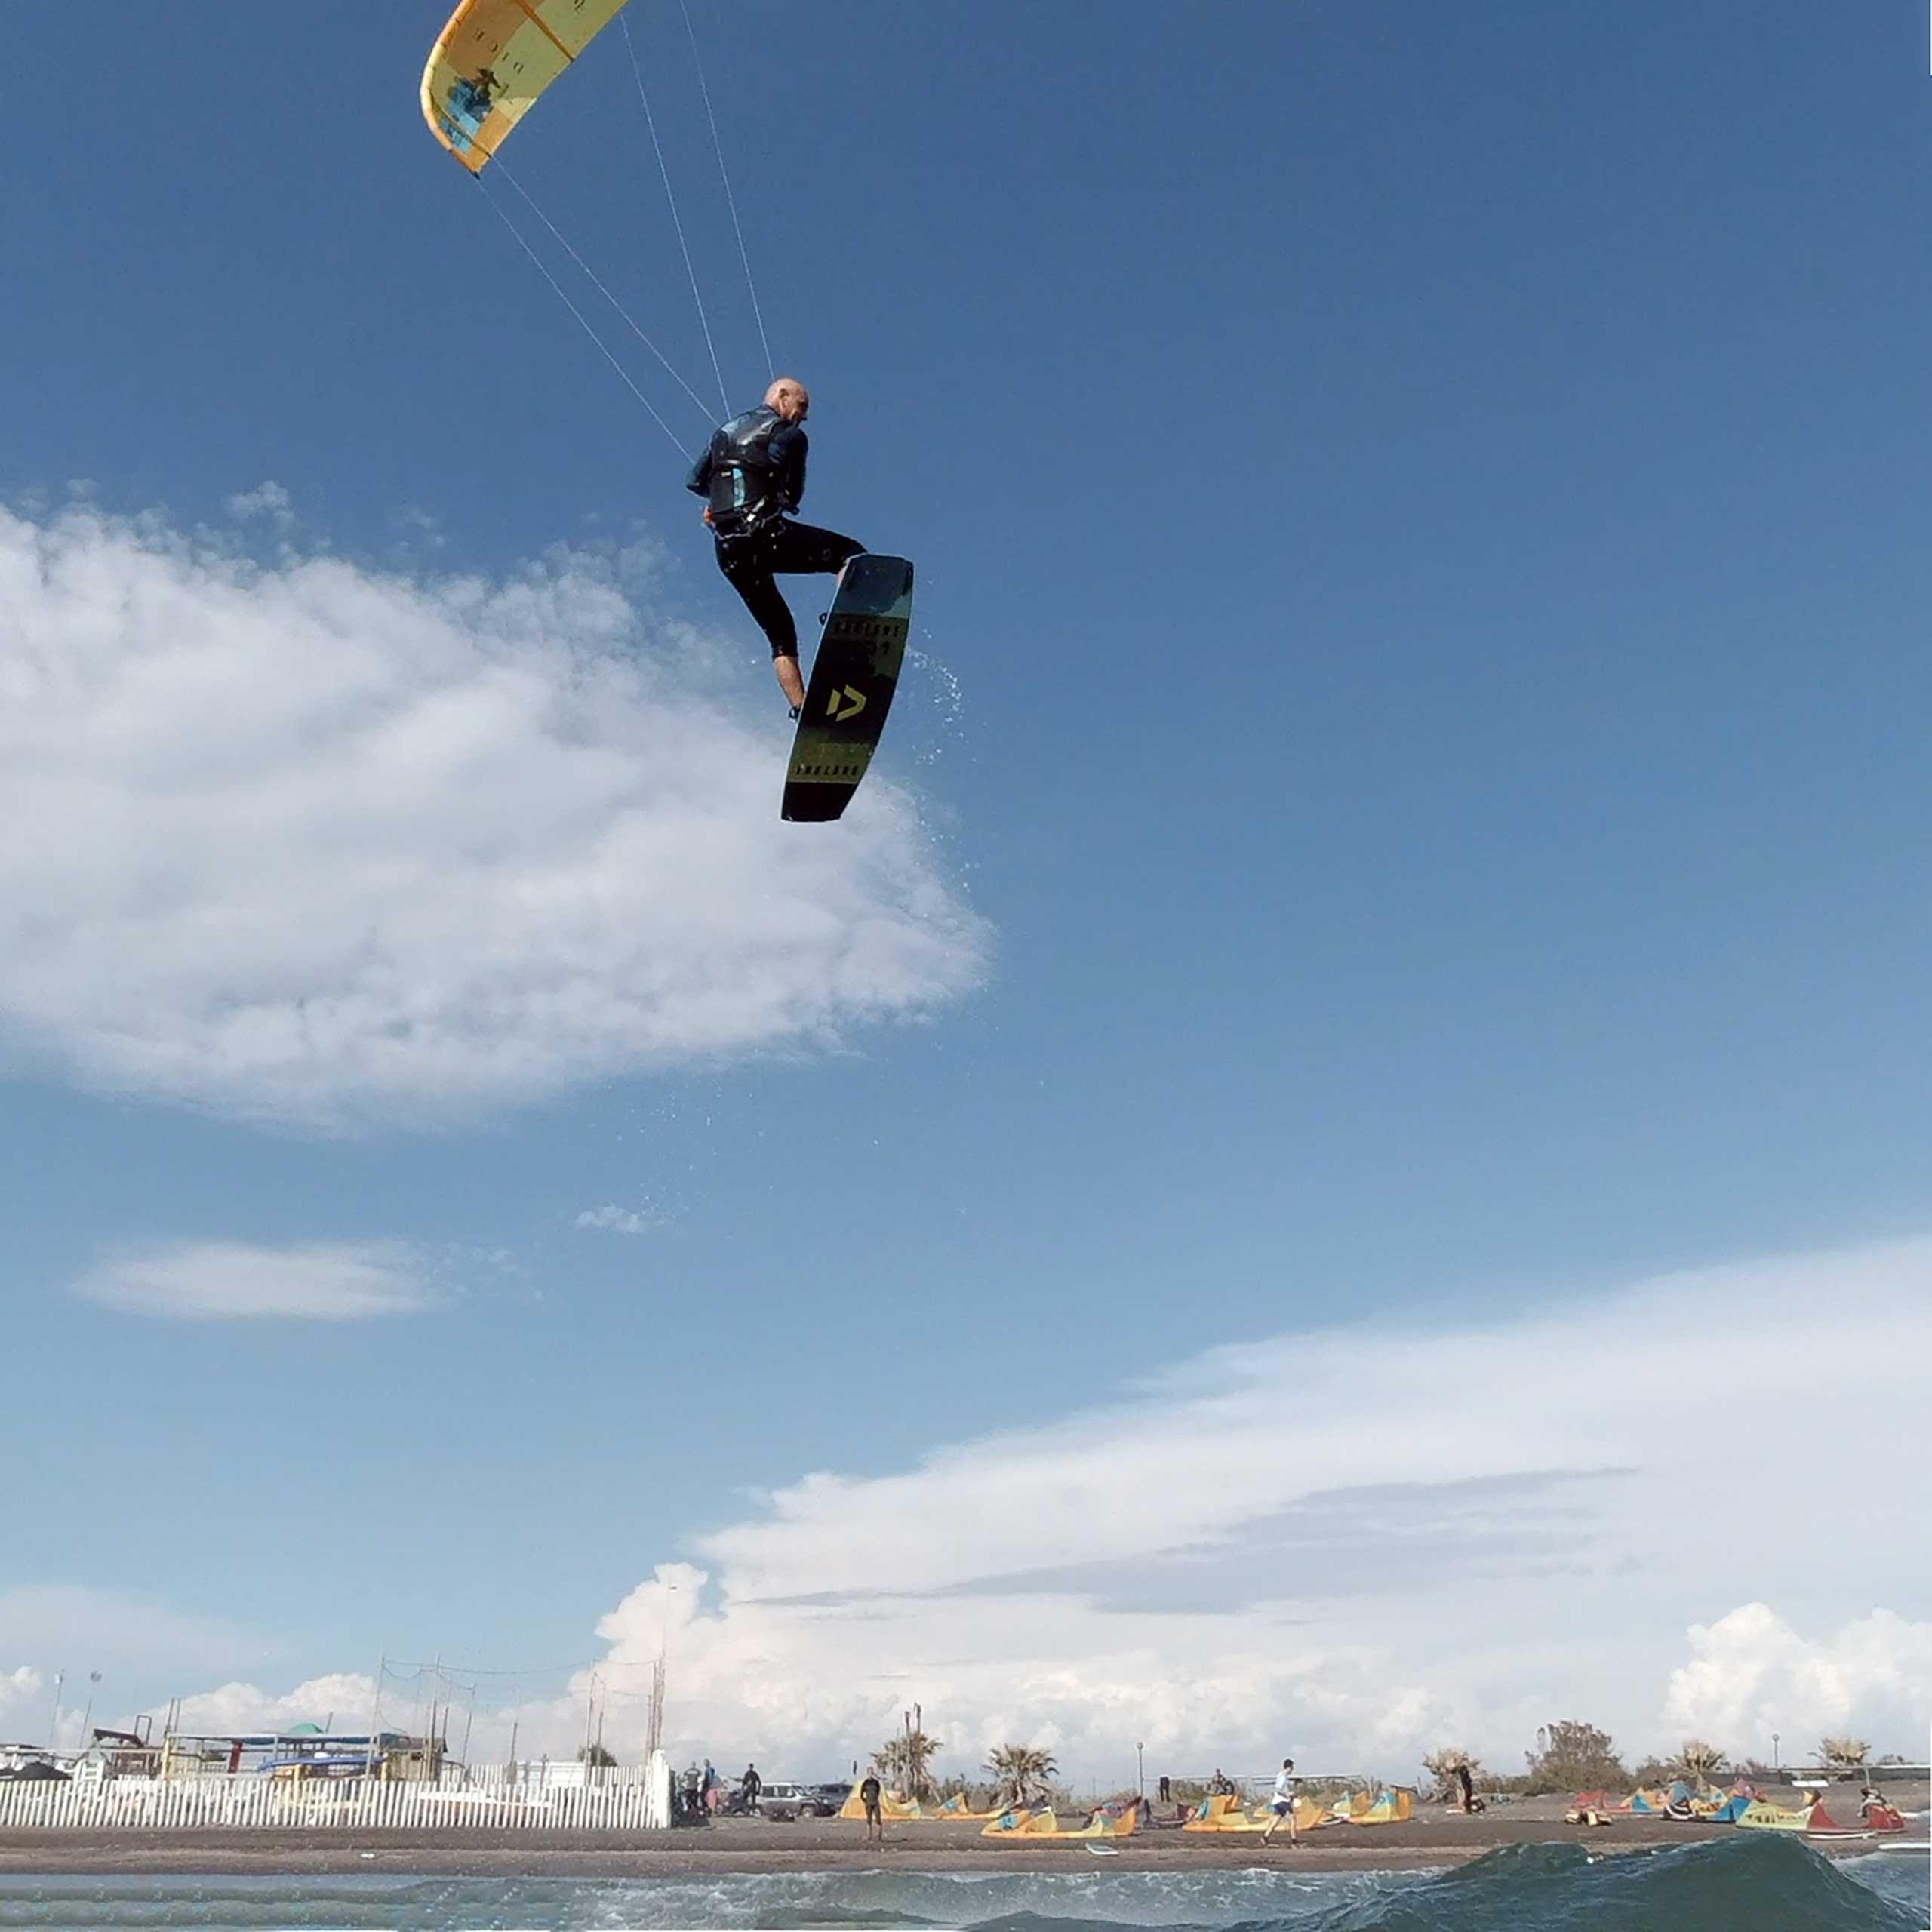 Imparare il salto - Kitesurf